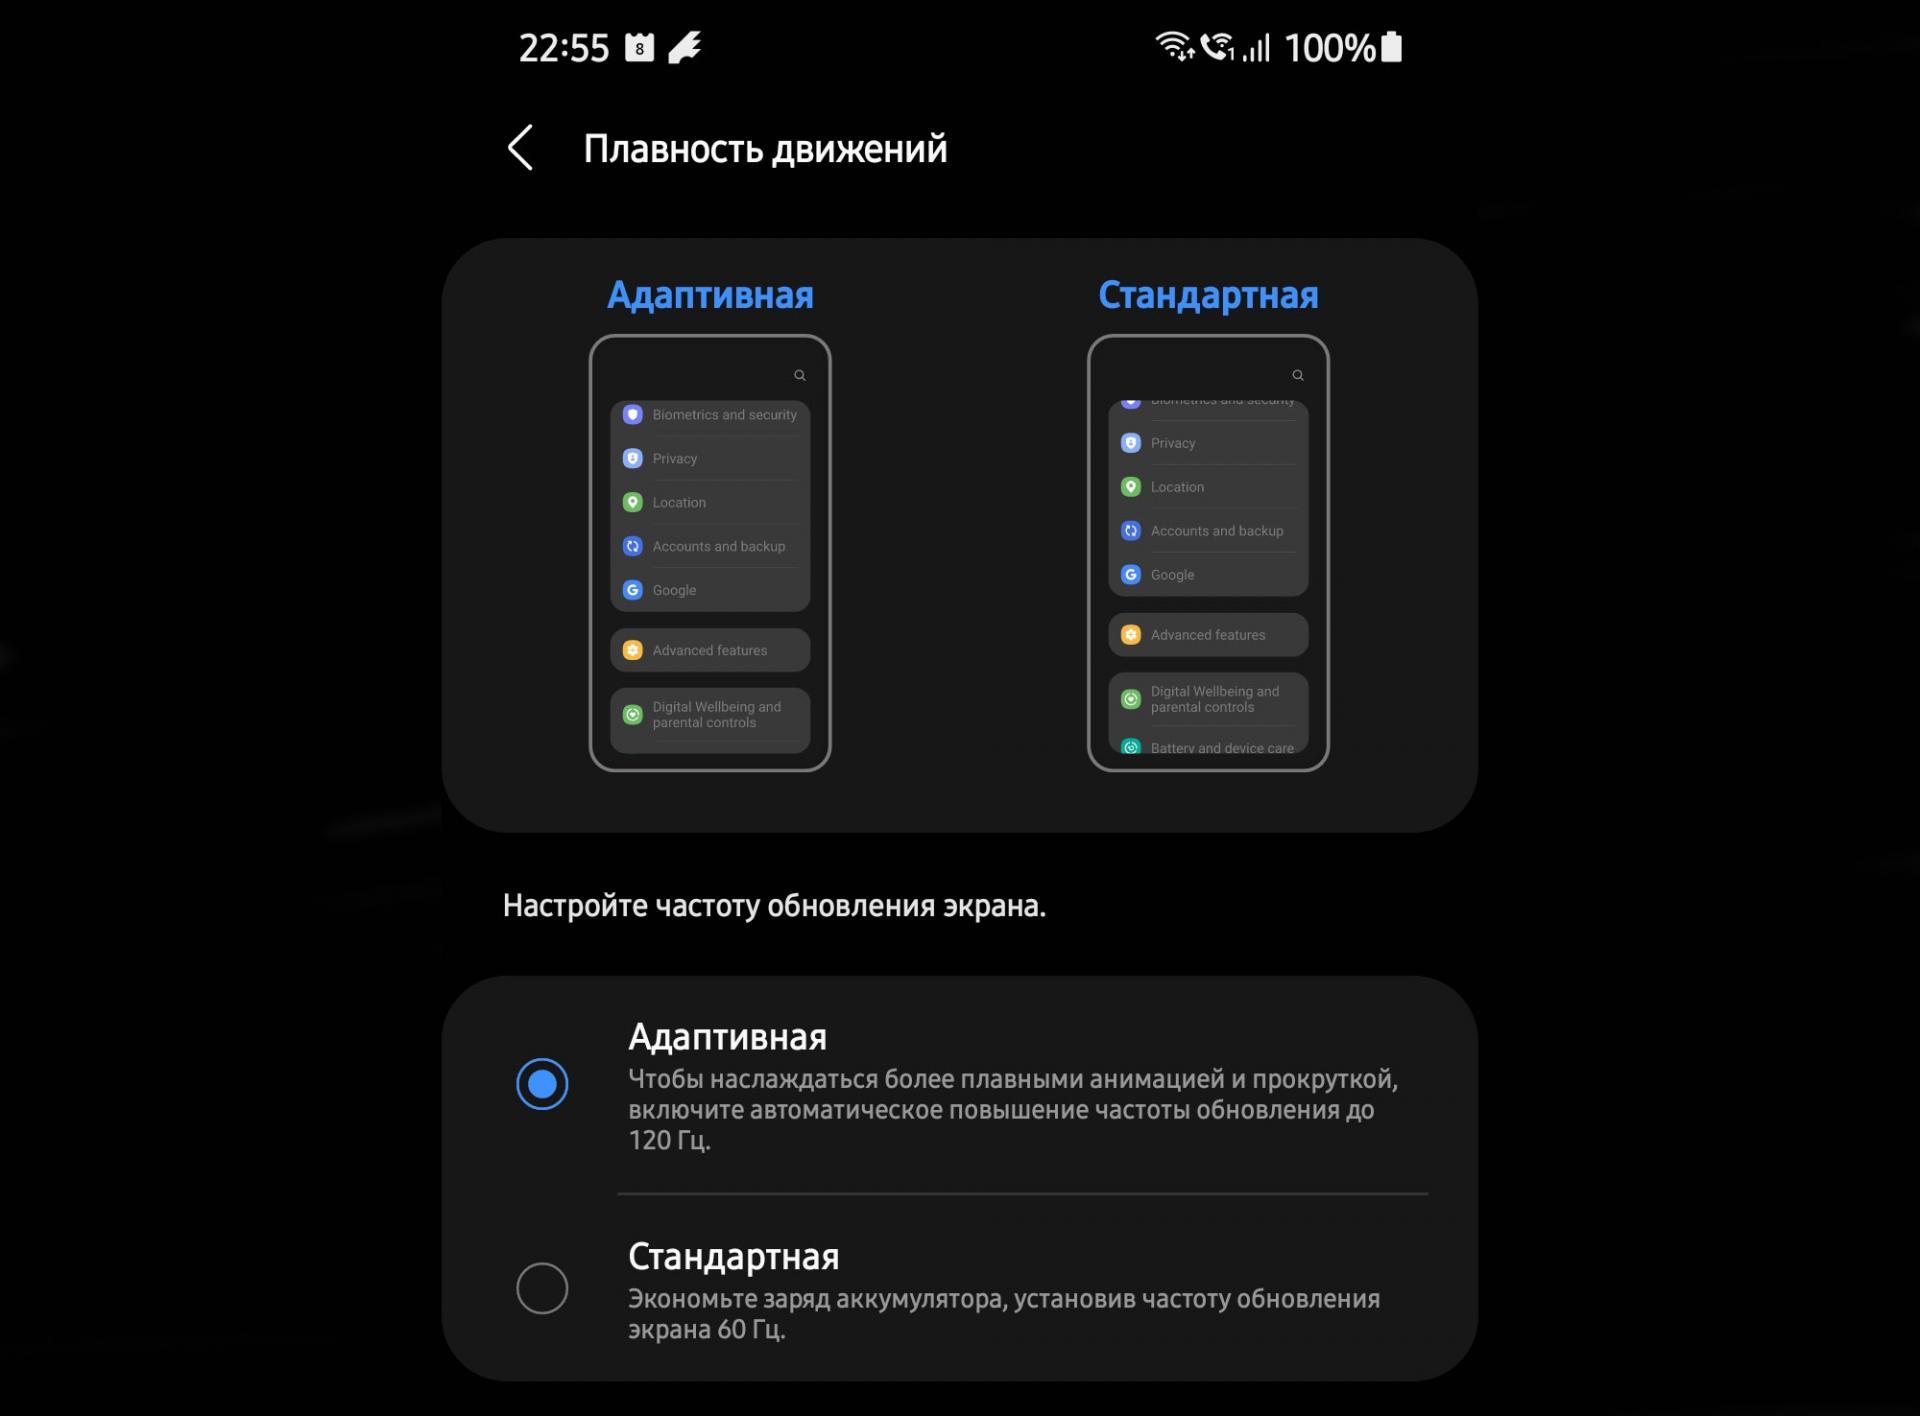 Пользователи охотно переходят на смартфоны с частотой обновления экрана выше 60 Гц